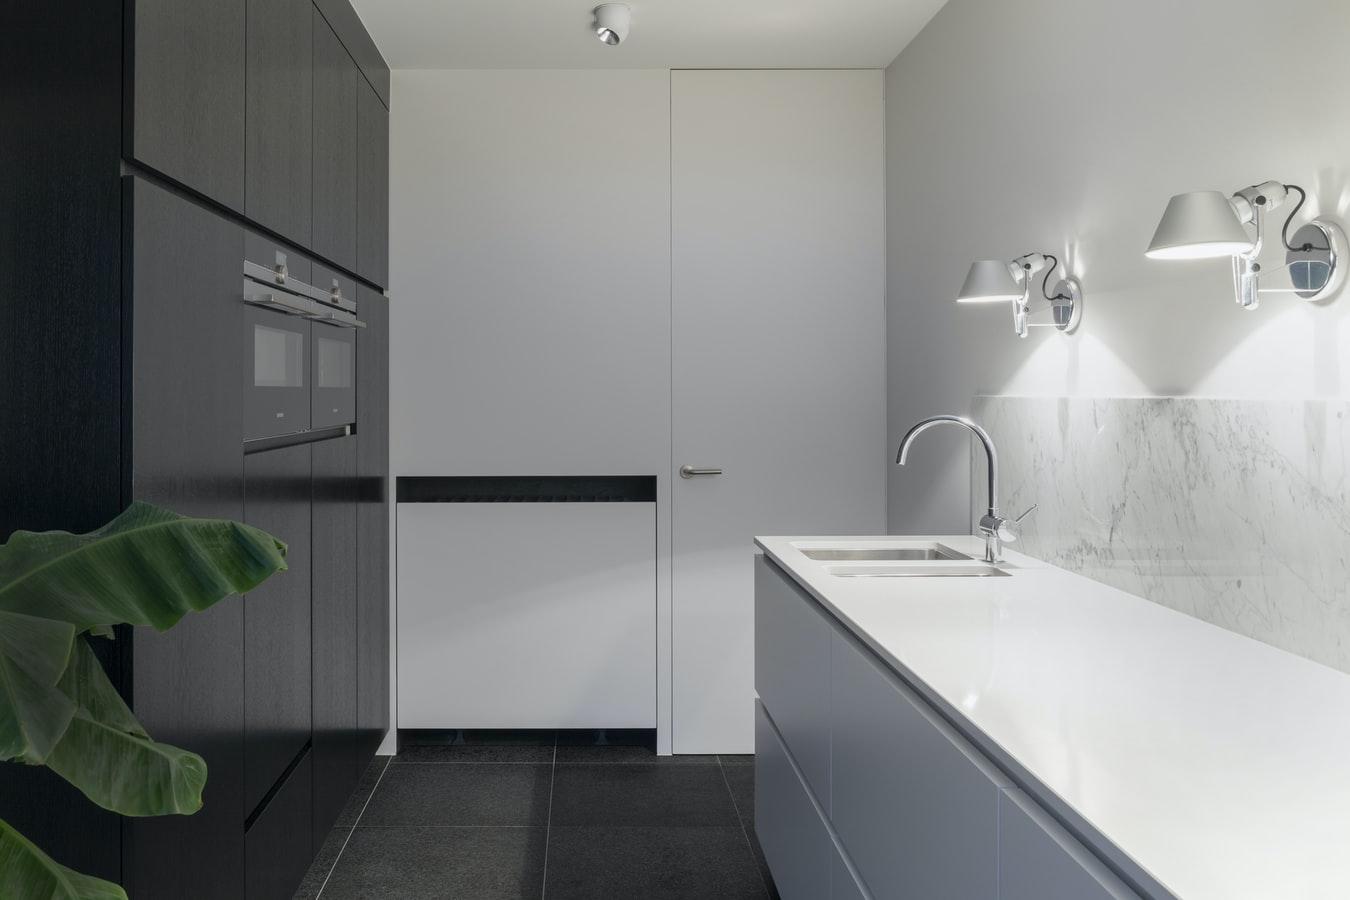 фото кухни из мдф, дизайн 1